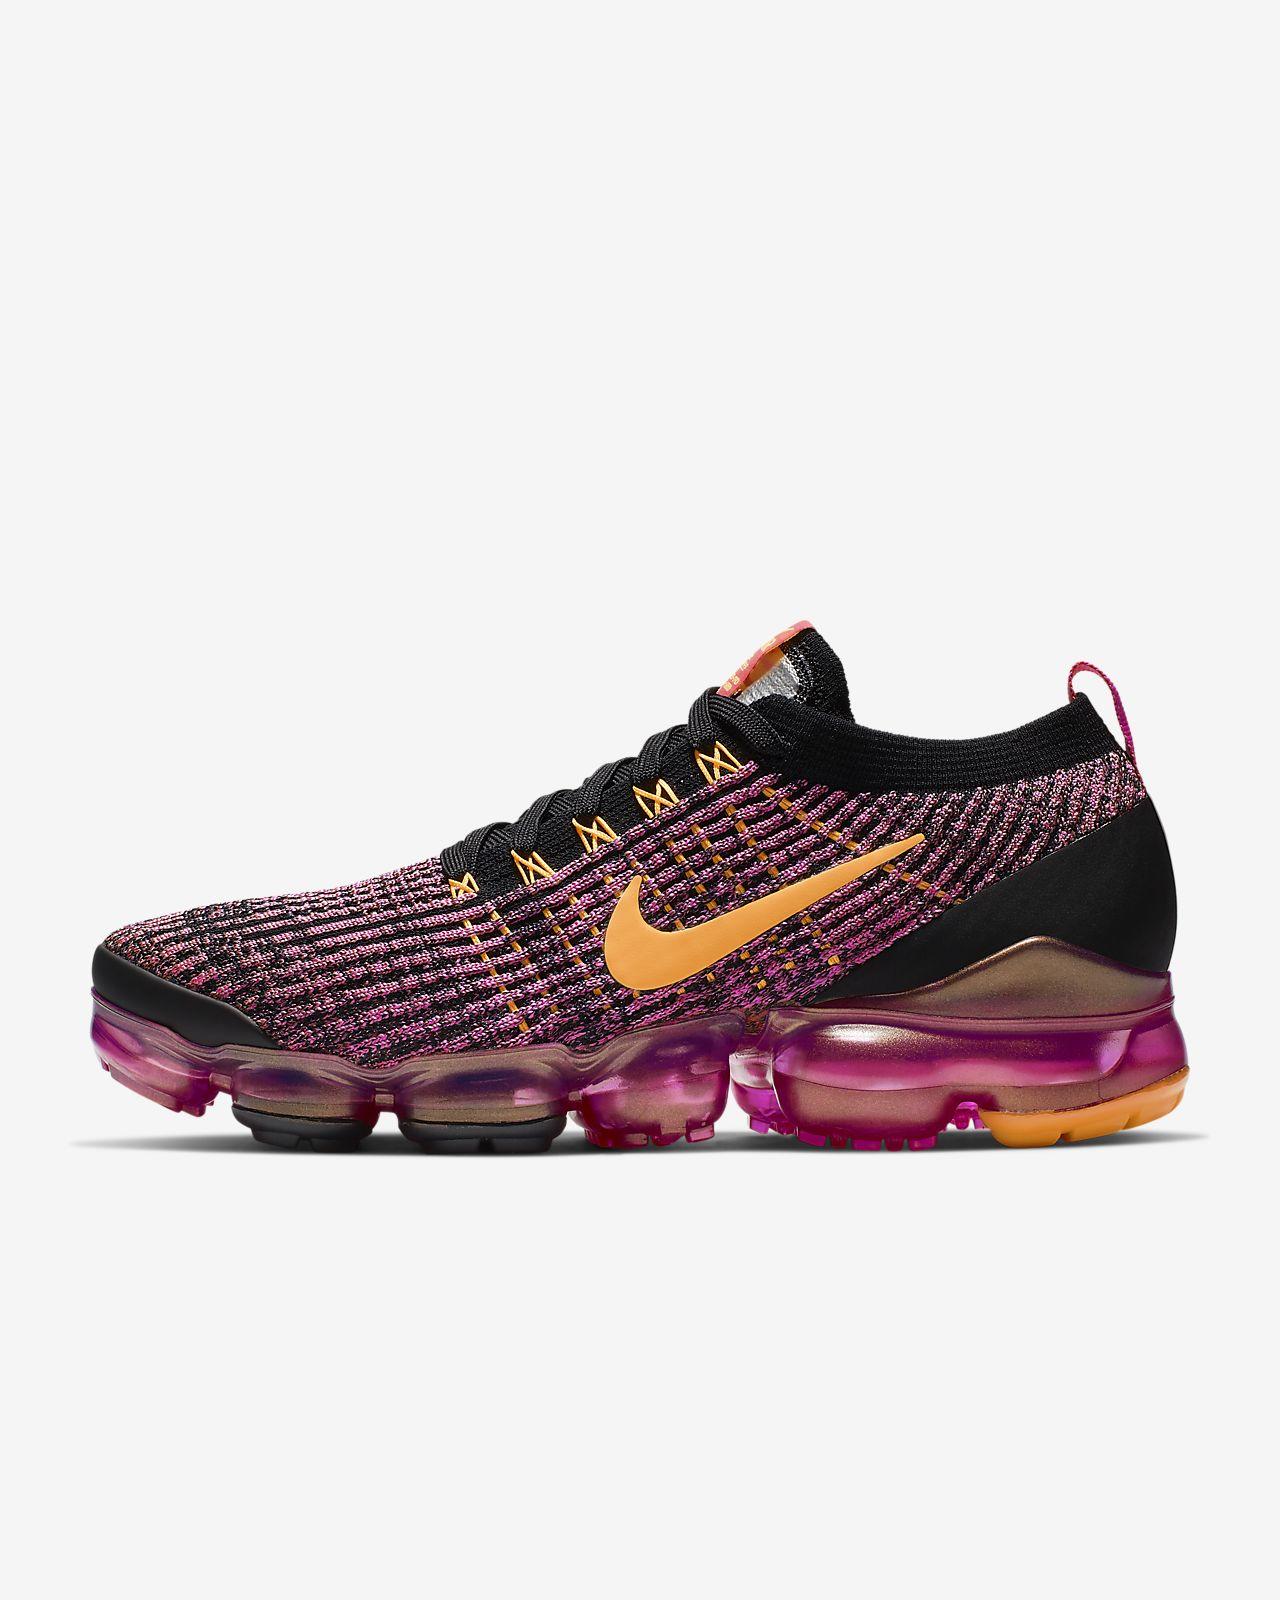 Nike Air Vapormax Men,woman Size 7,8,9,10,11...